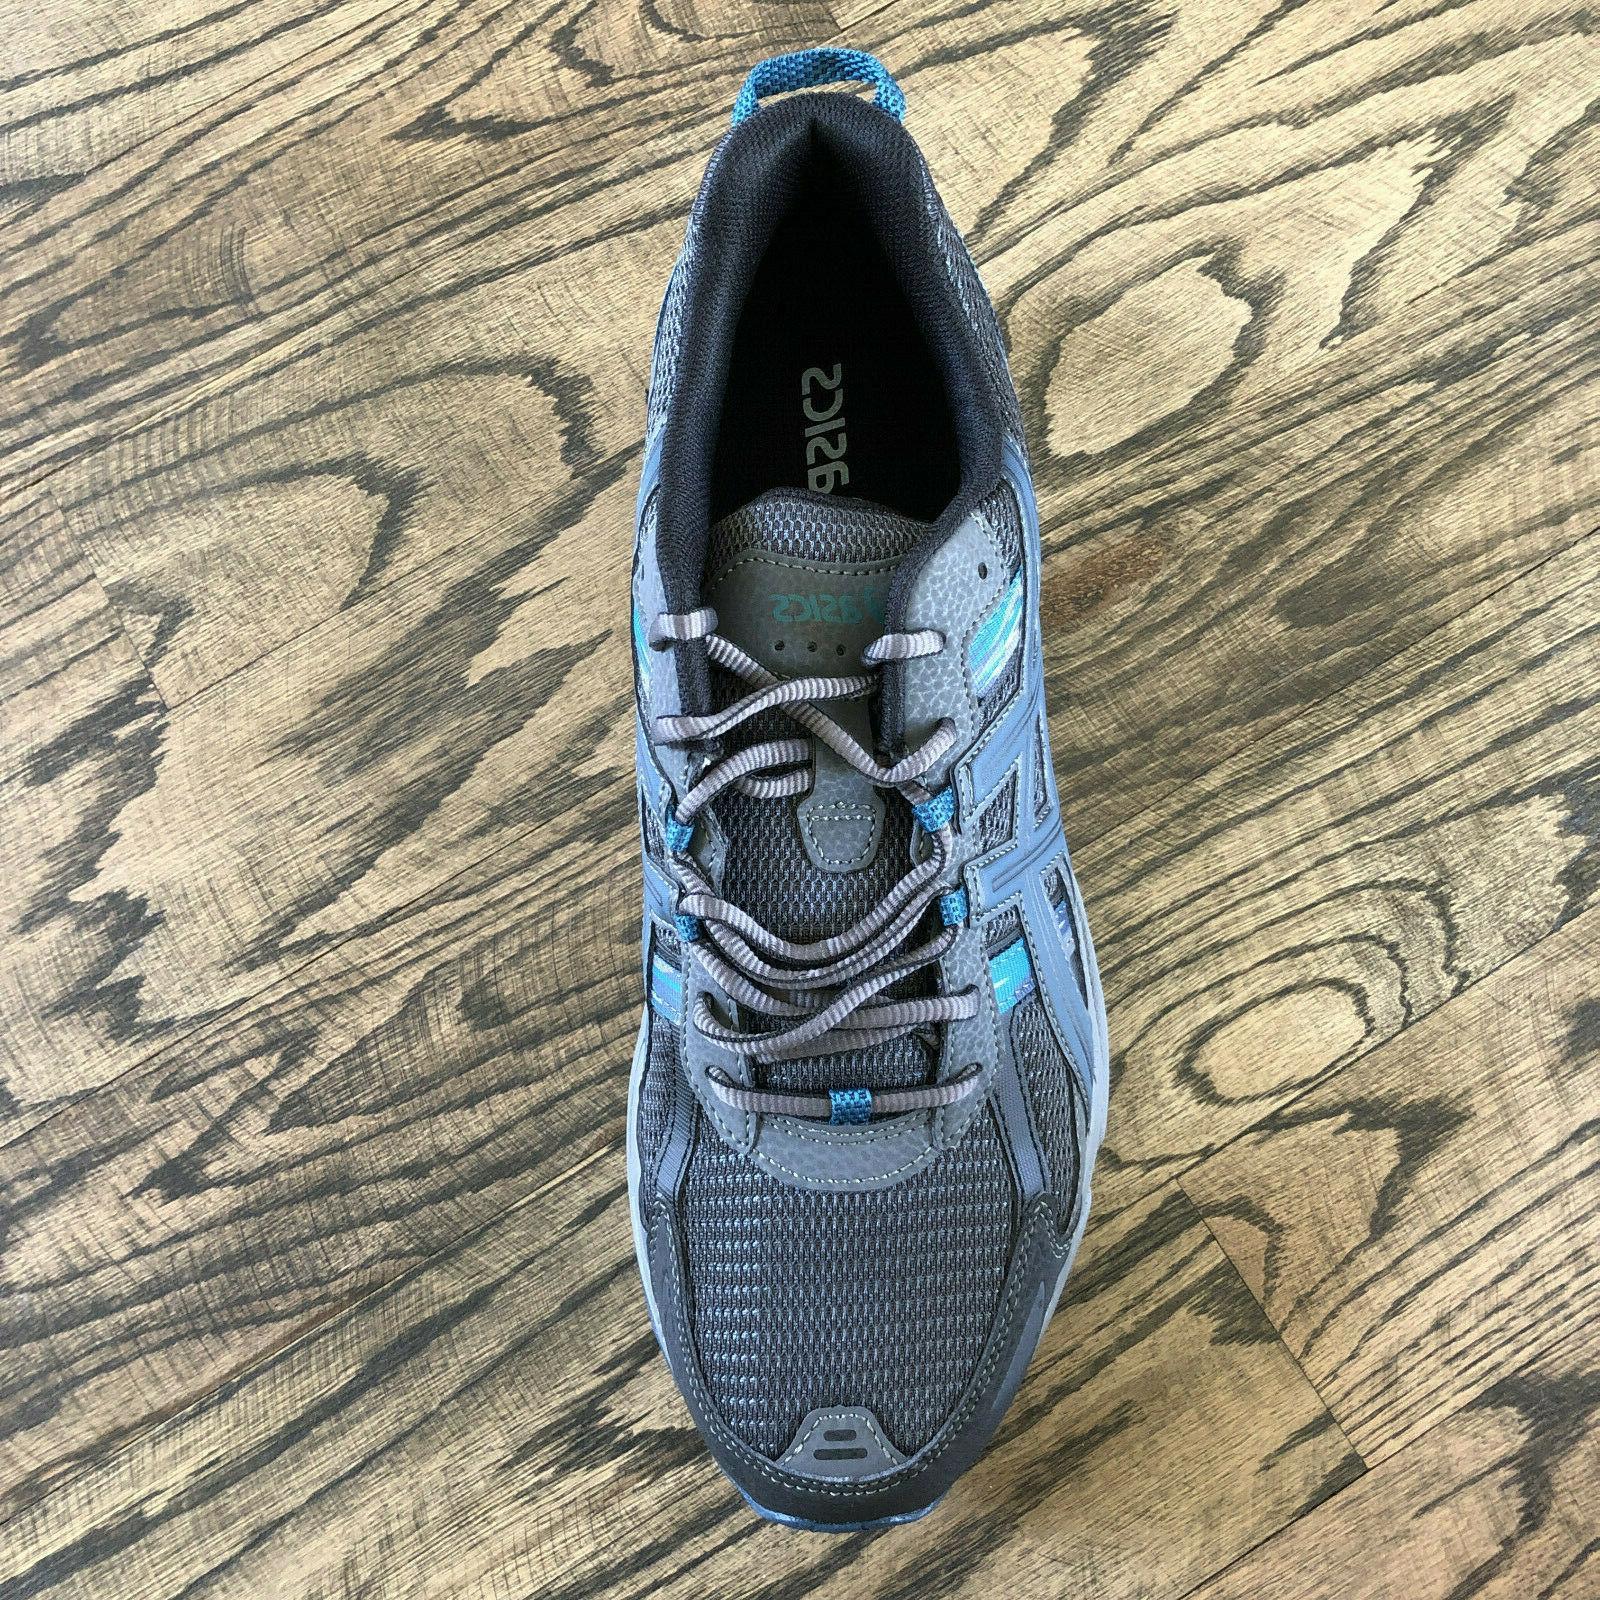 ASICS Men's GEL 5 Running Shoe Size 13 New Box